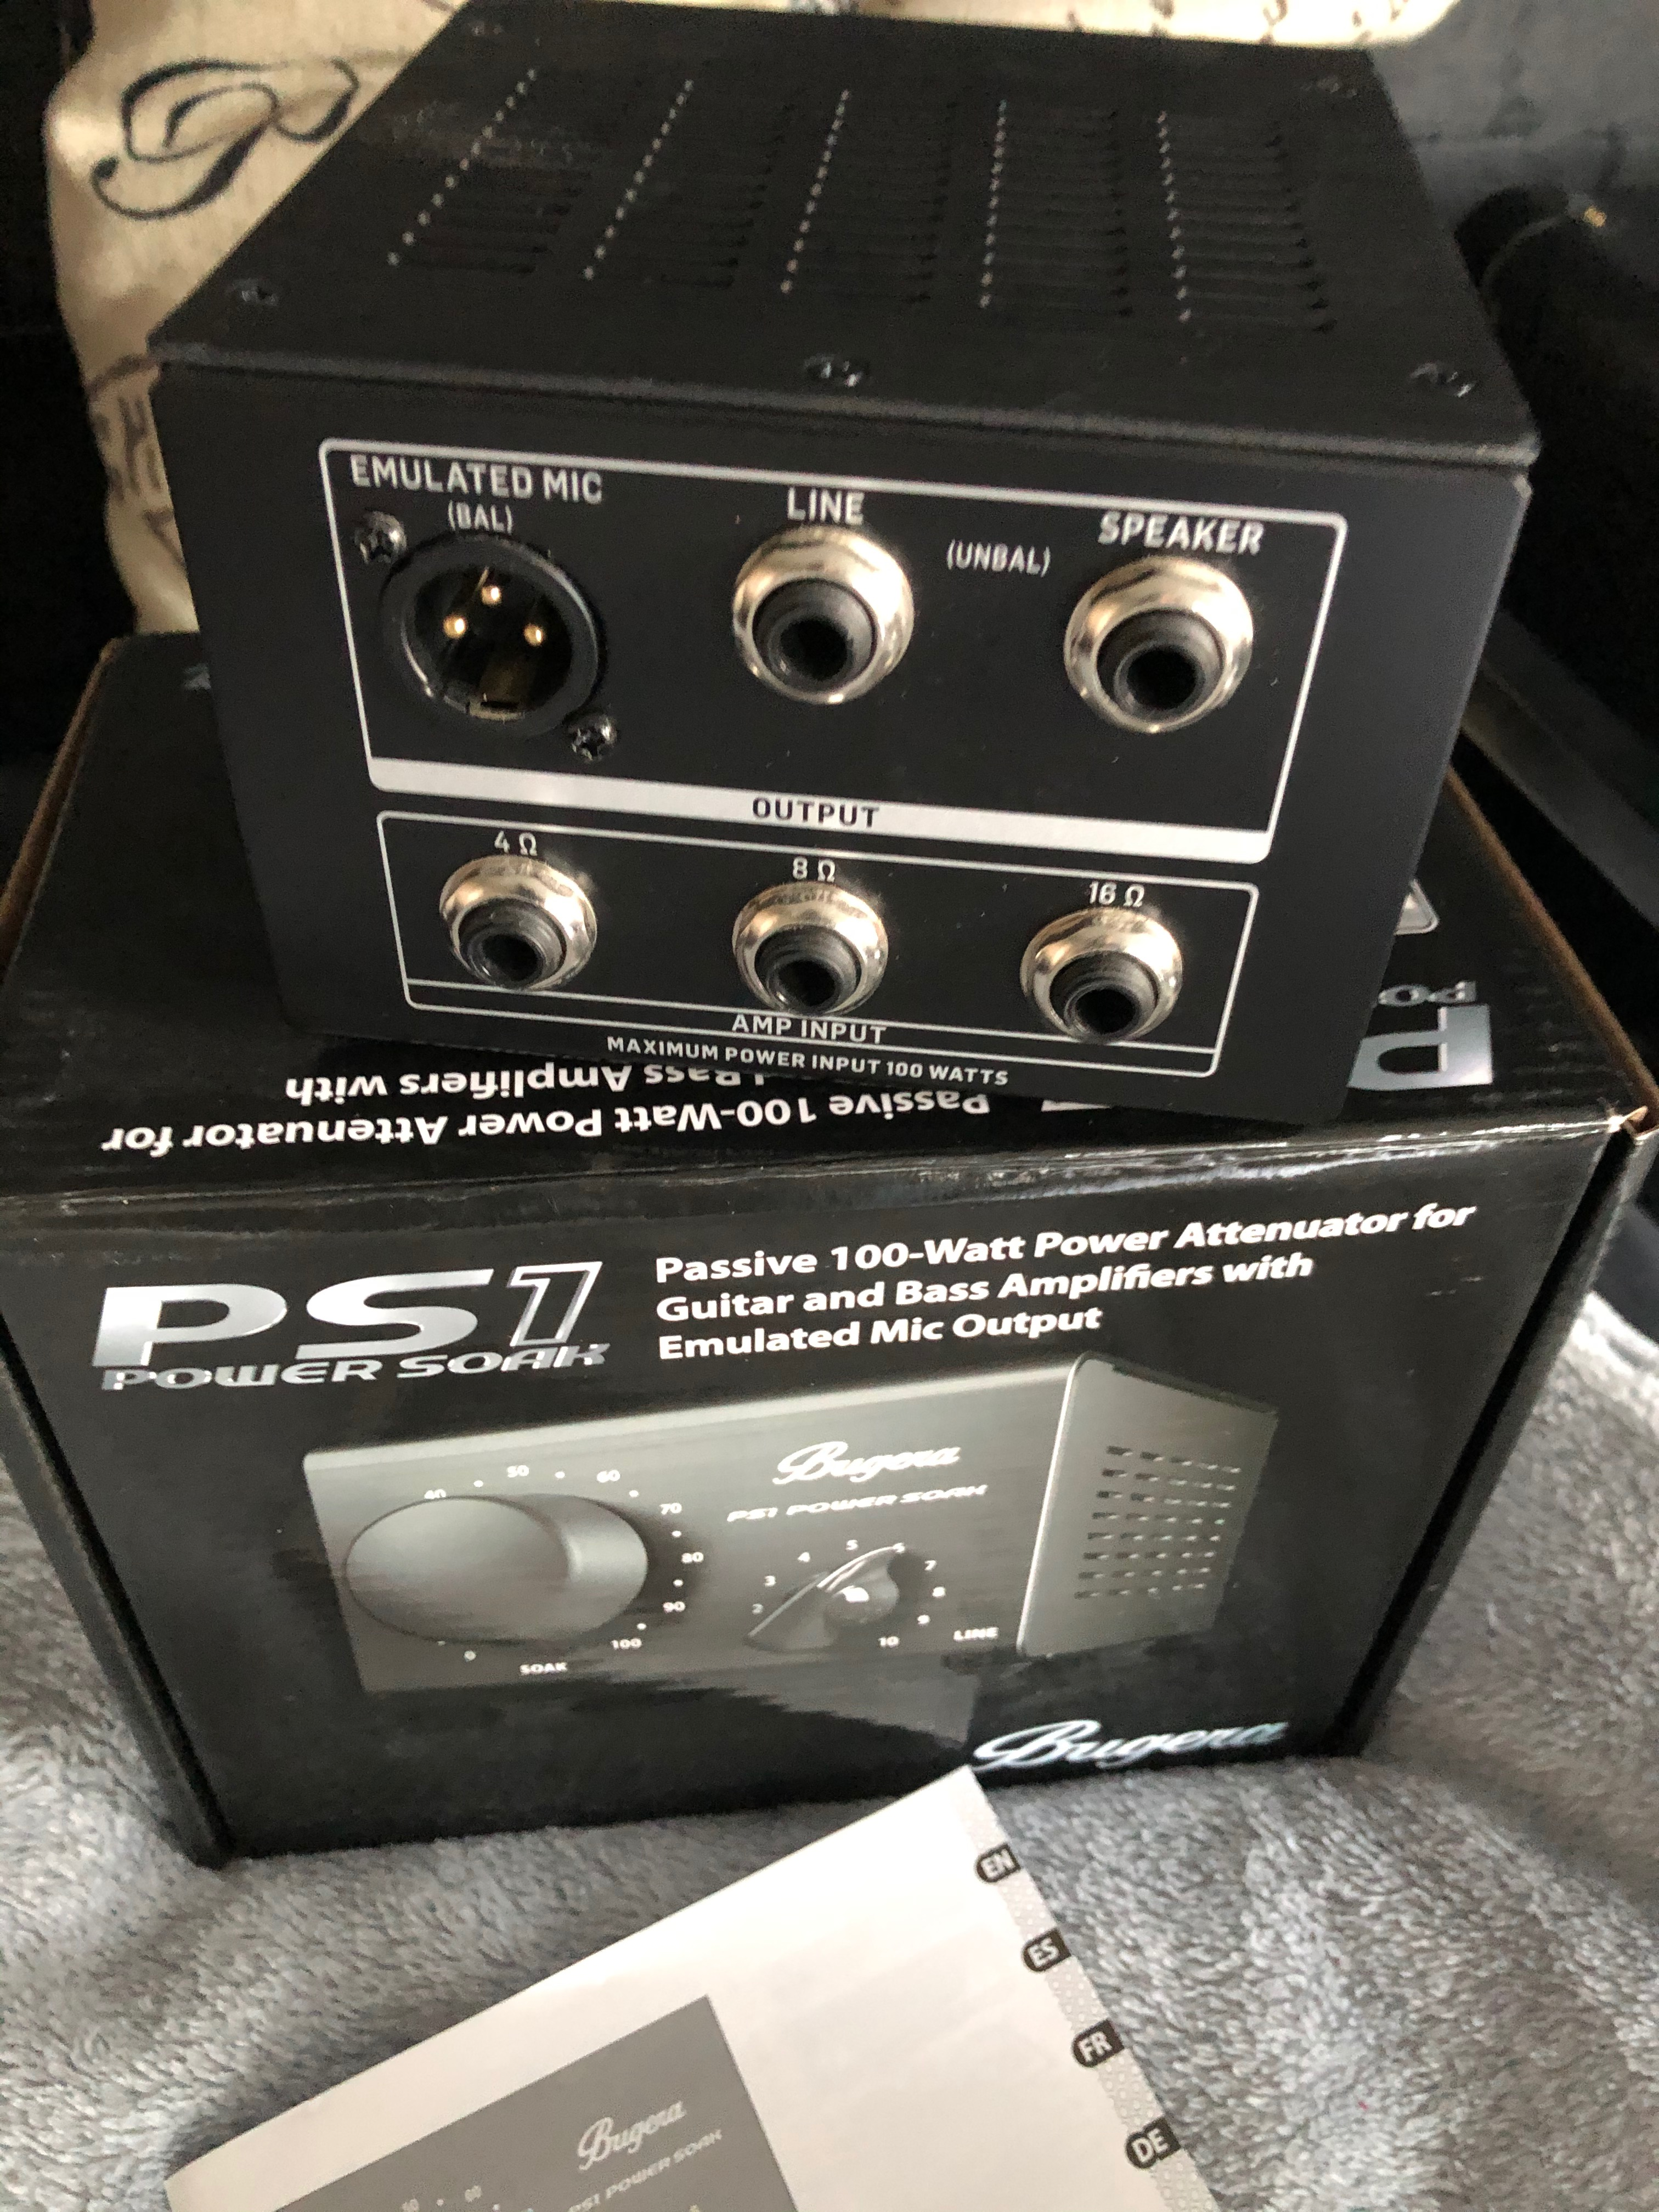 Ps1 Power Soak Bugera Ps1 Power Soak Audiofanzine